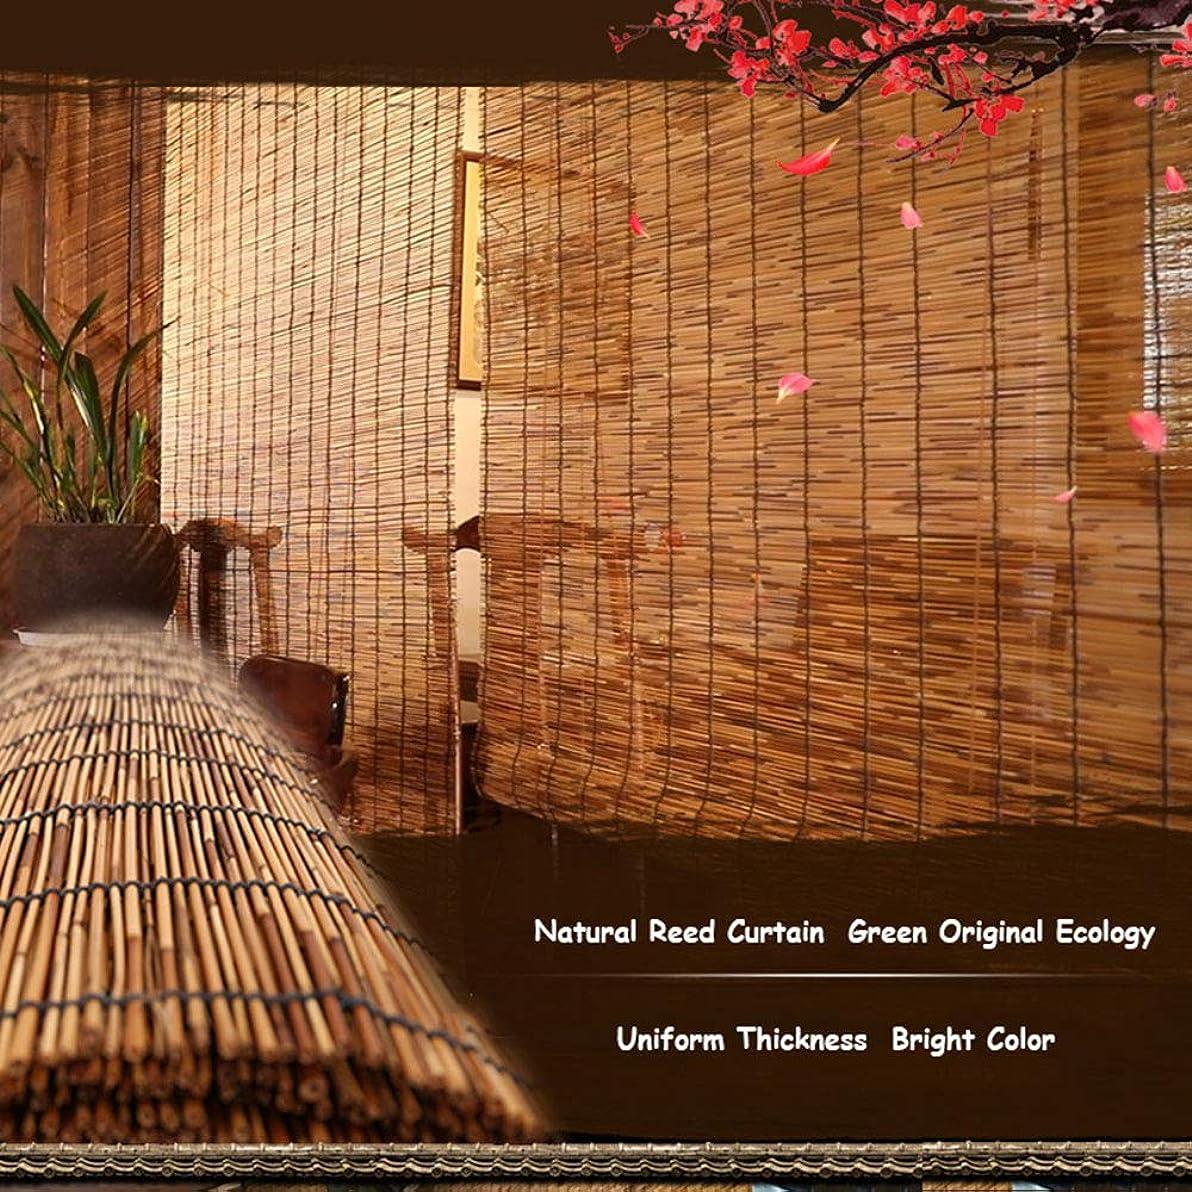 味芽民主主義竹製ローラーブラインド、リードカーテン、上スクロール式ローマンシェード、オリエンタル家具、遮光ブラインド、屋内/屋外用装飾、カスタマイズ可能なカーテン